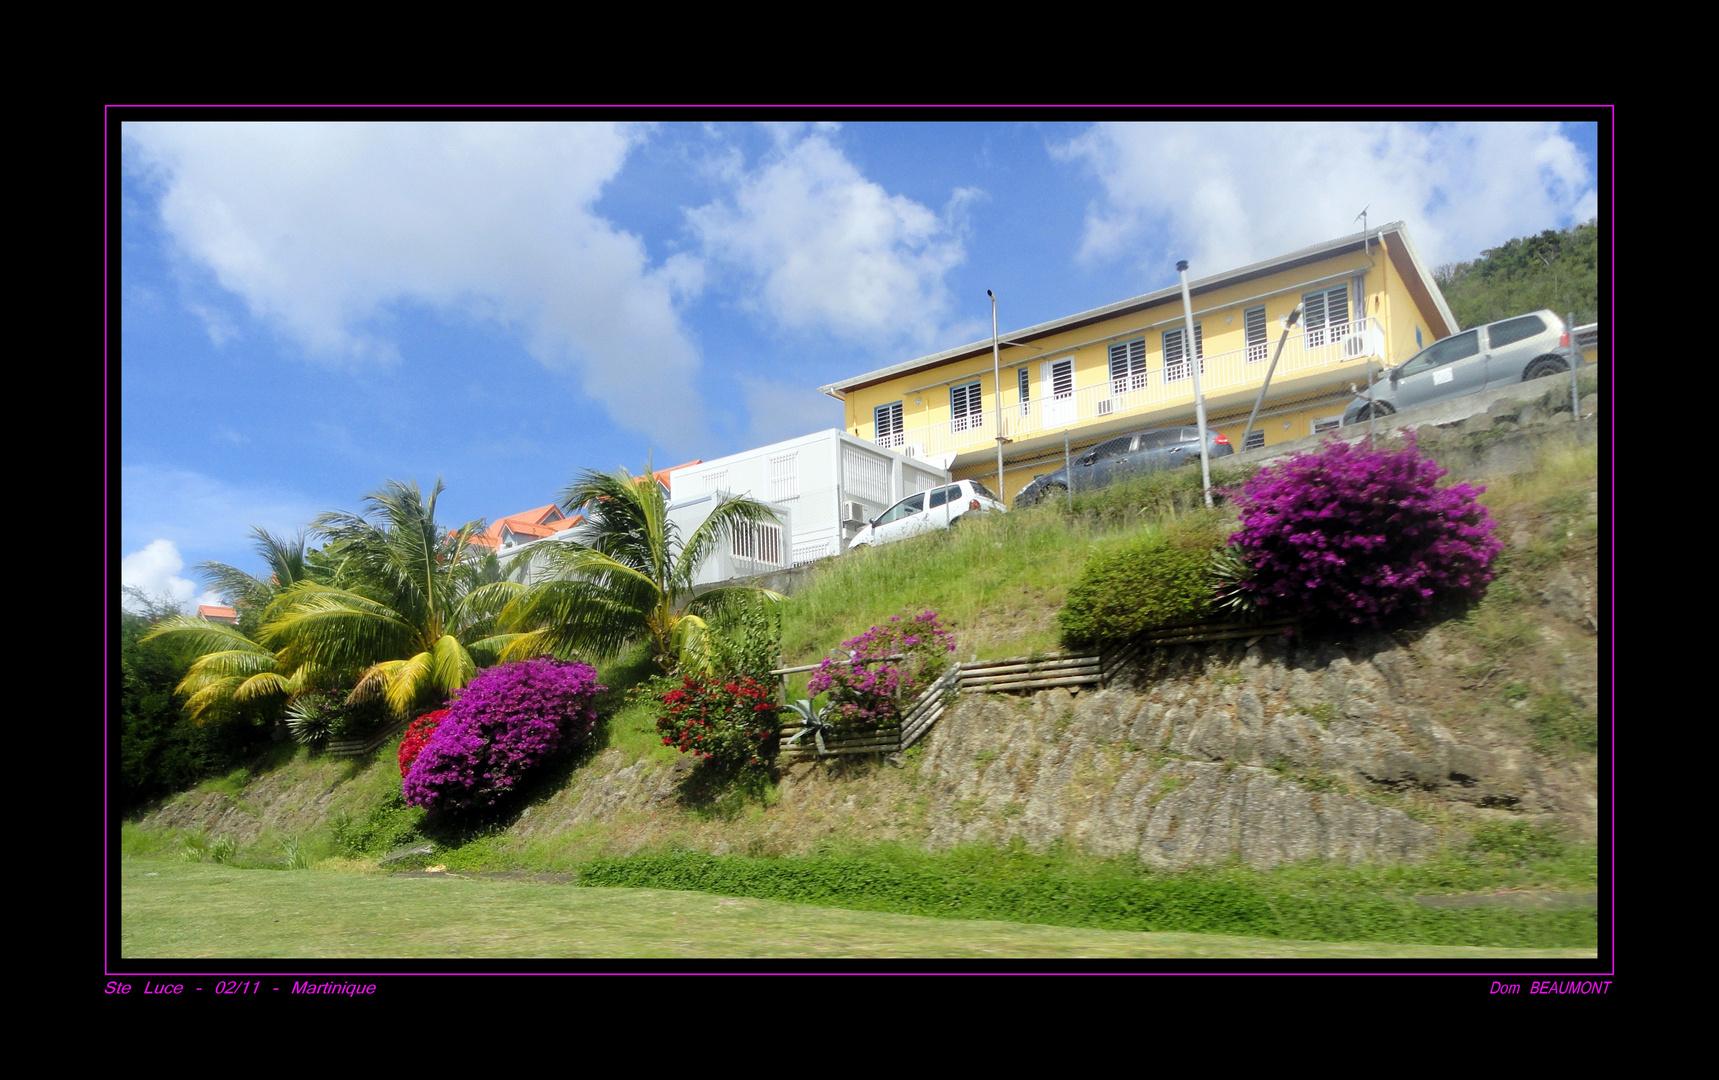 Ste Luce - Février 2011 - Martinique